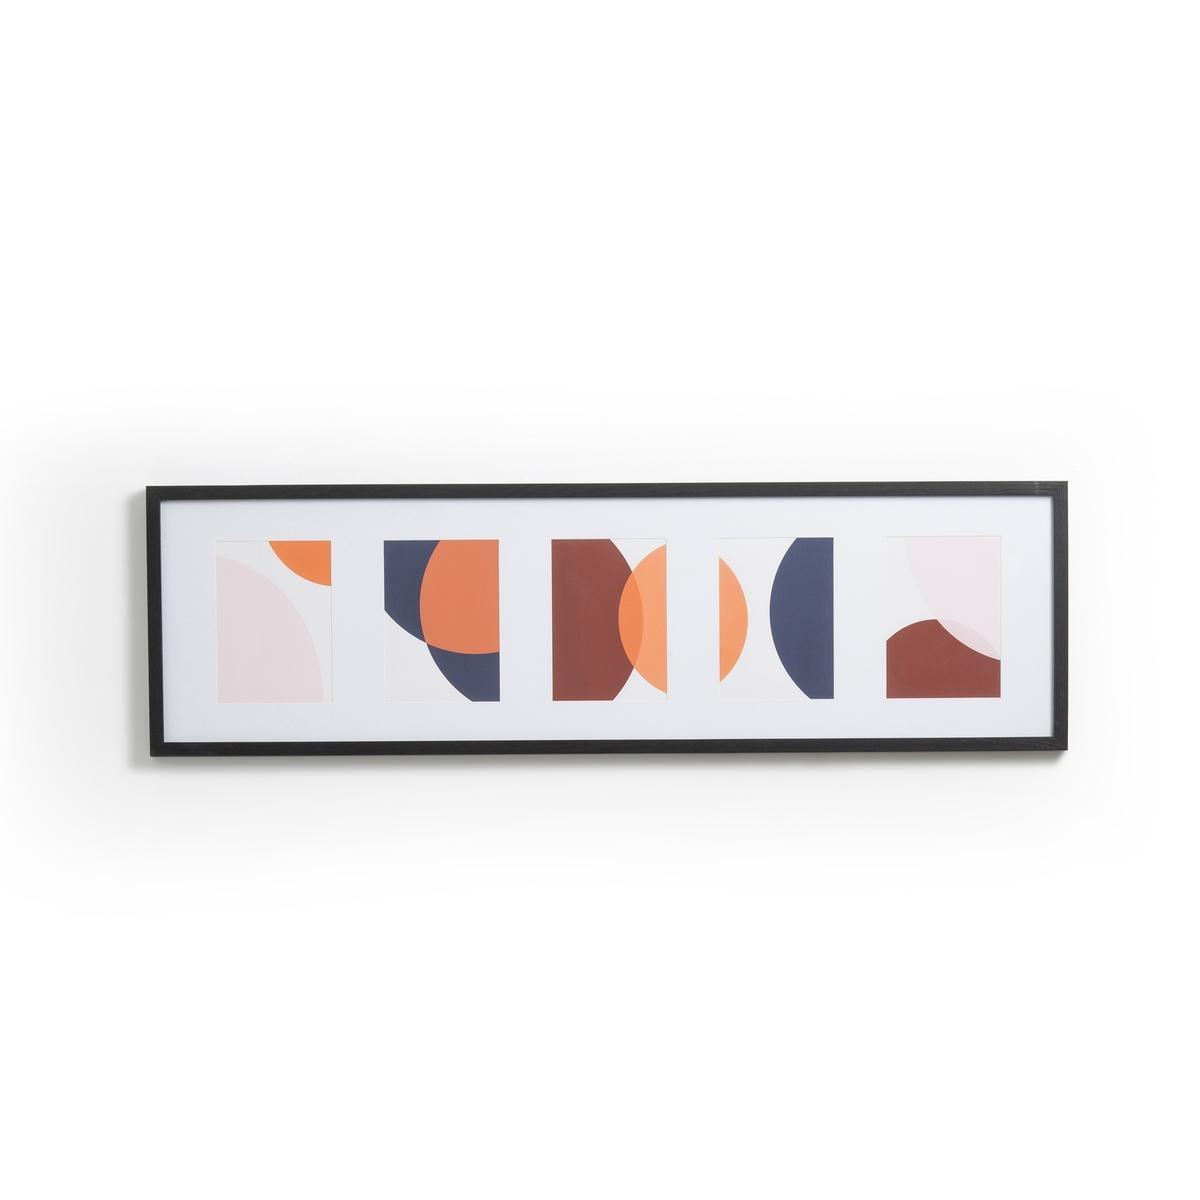 цена на Картина La Redoute Из панно Arfy единый размер разноцветный